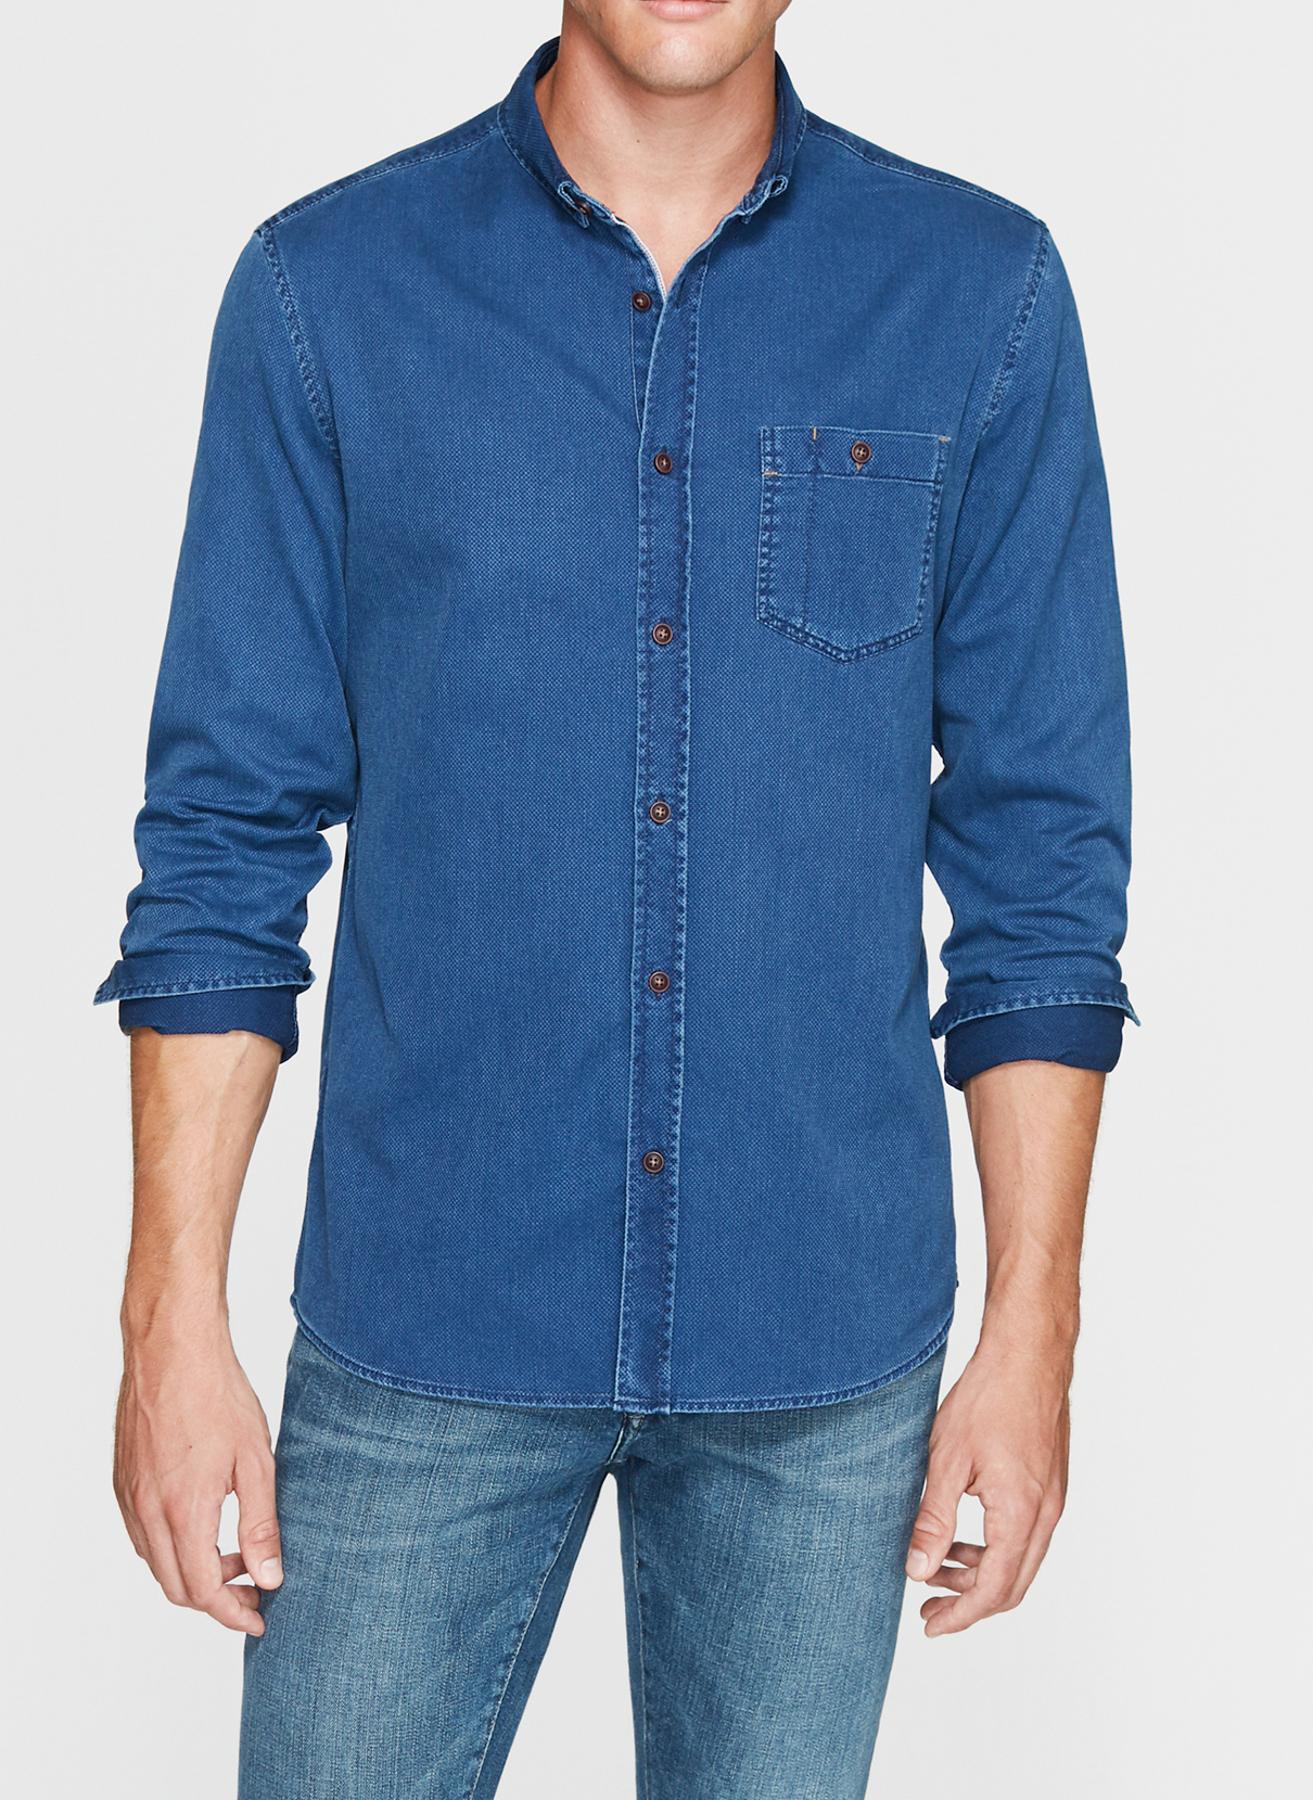 Mavi Gömlek M 5001634383002 Ürün Resmi